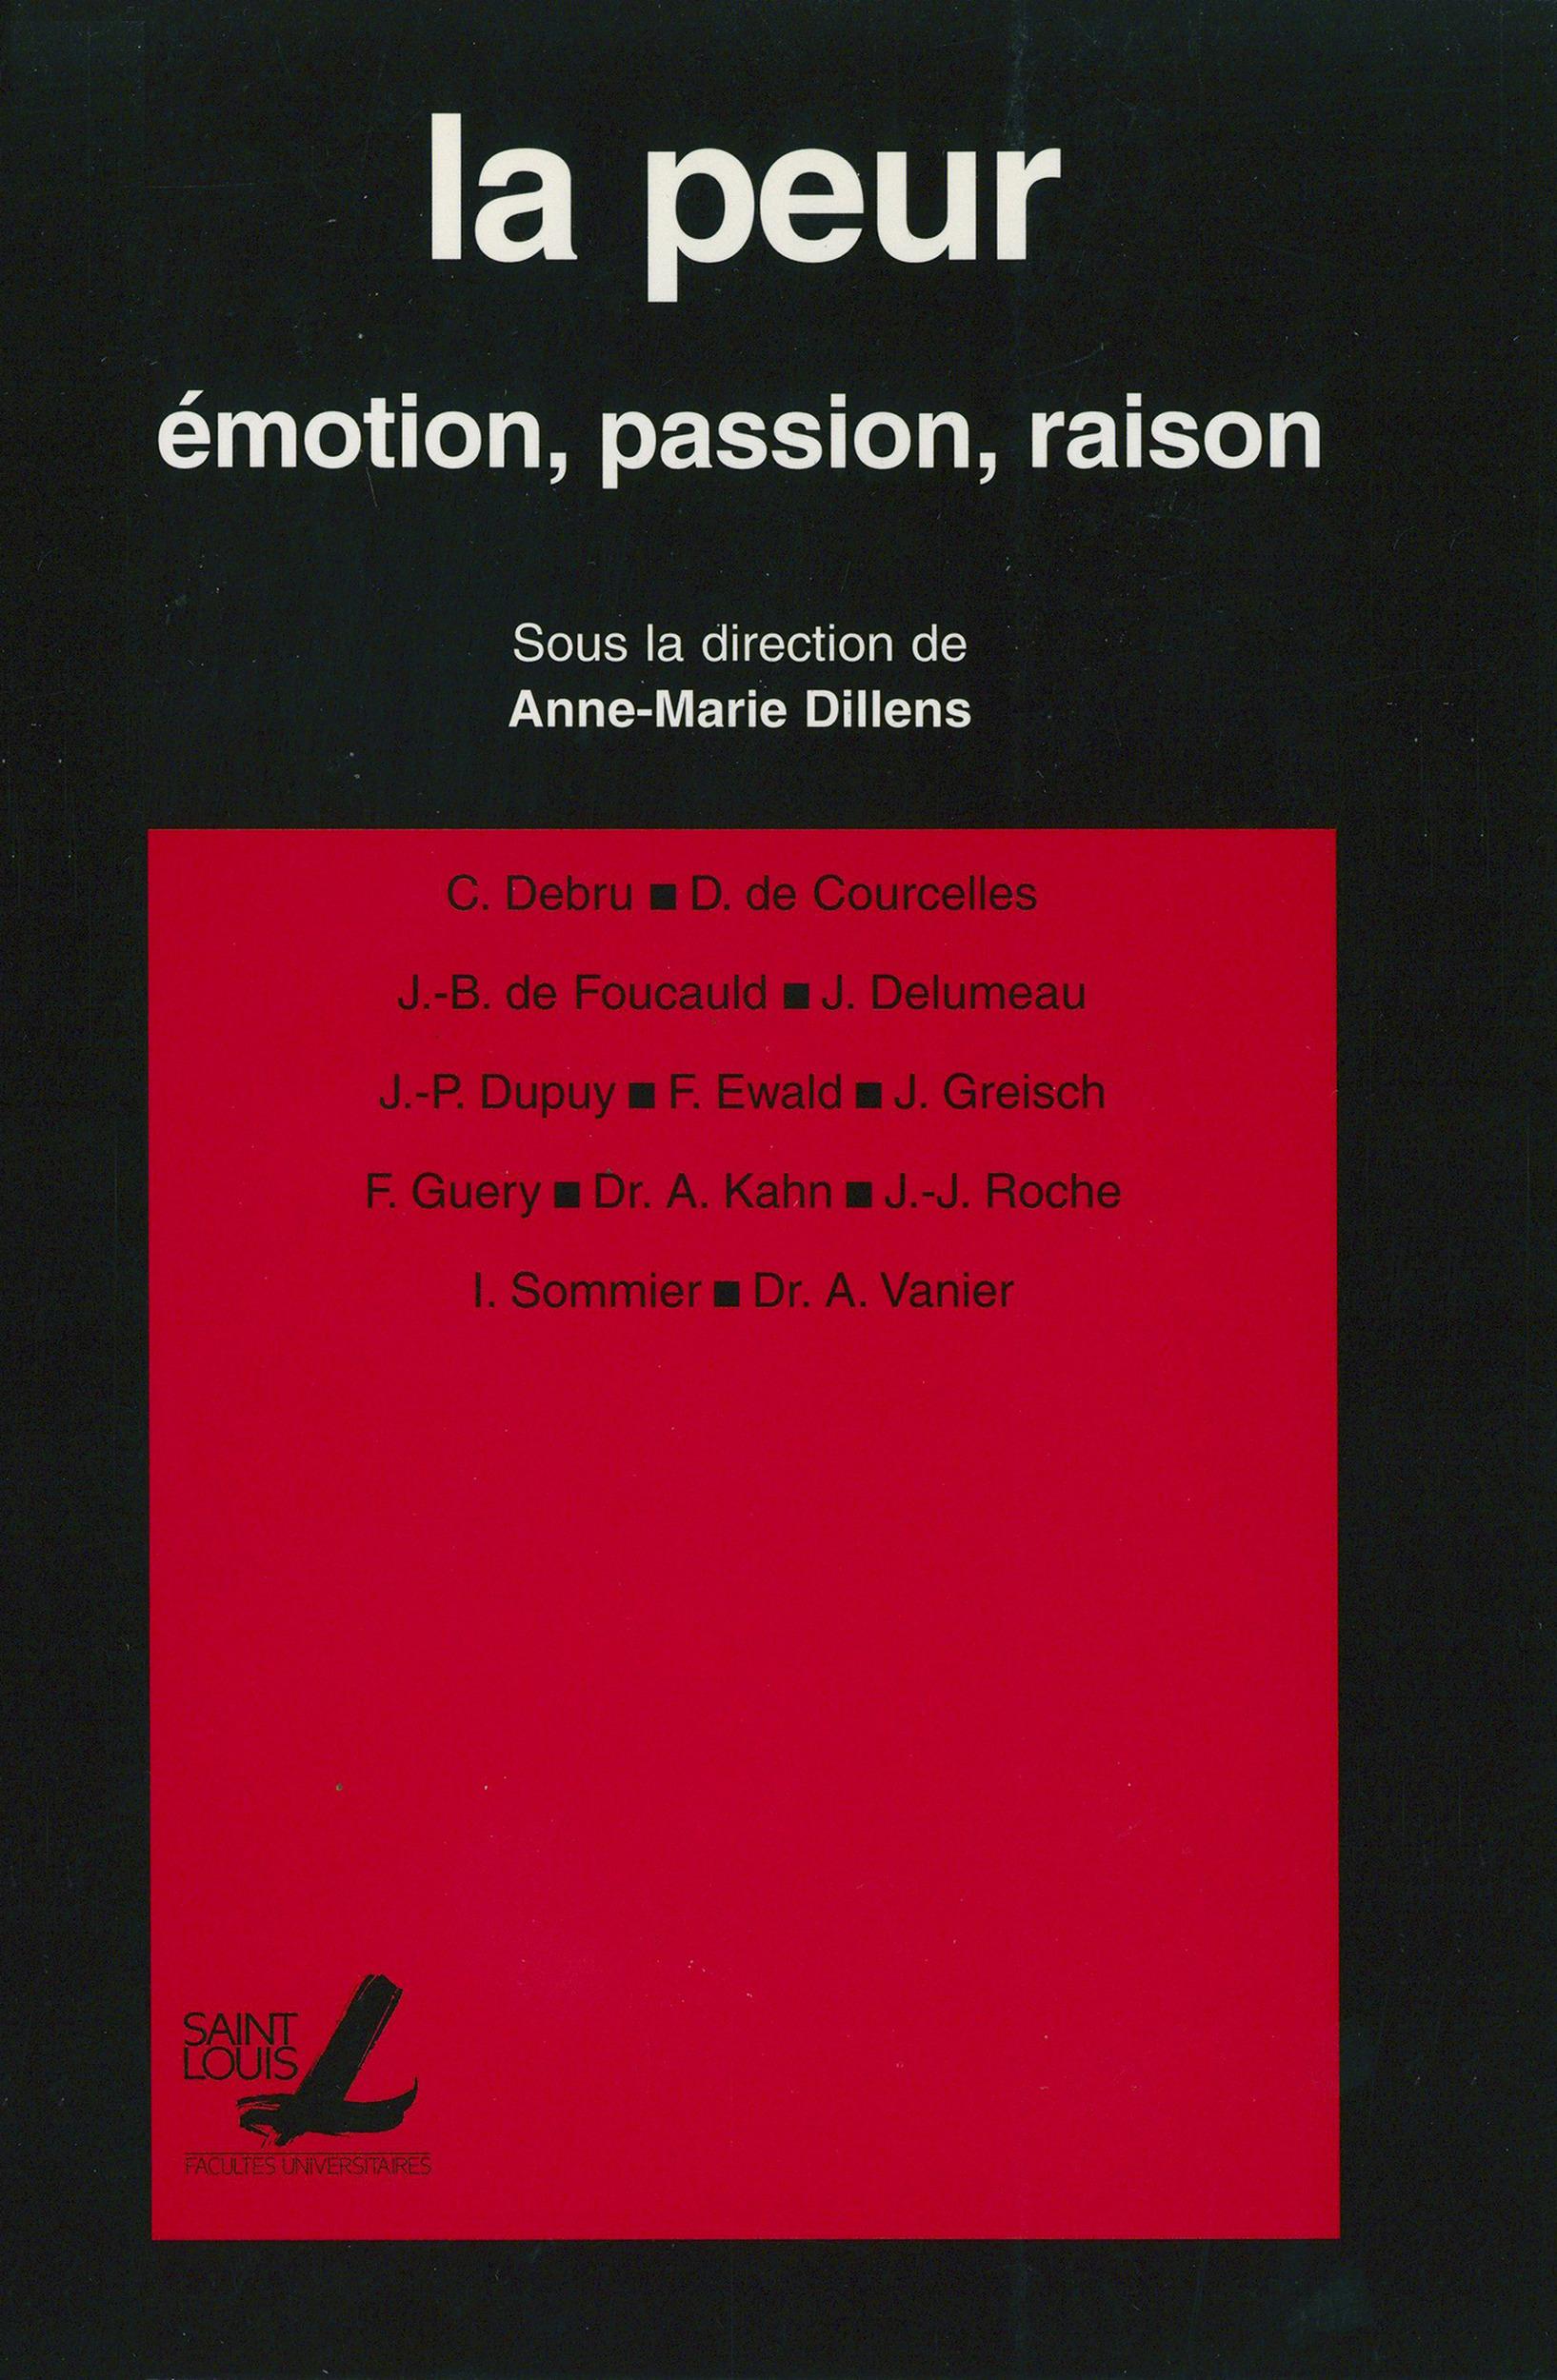 La peur : emotion, passion, raison